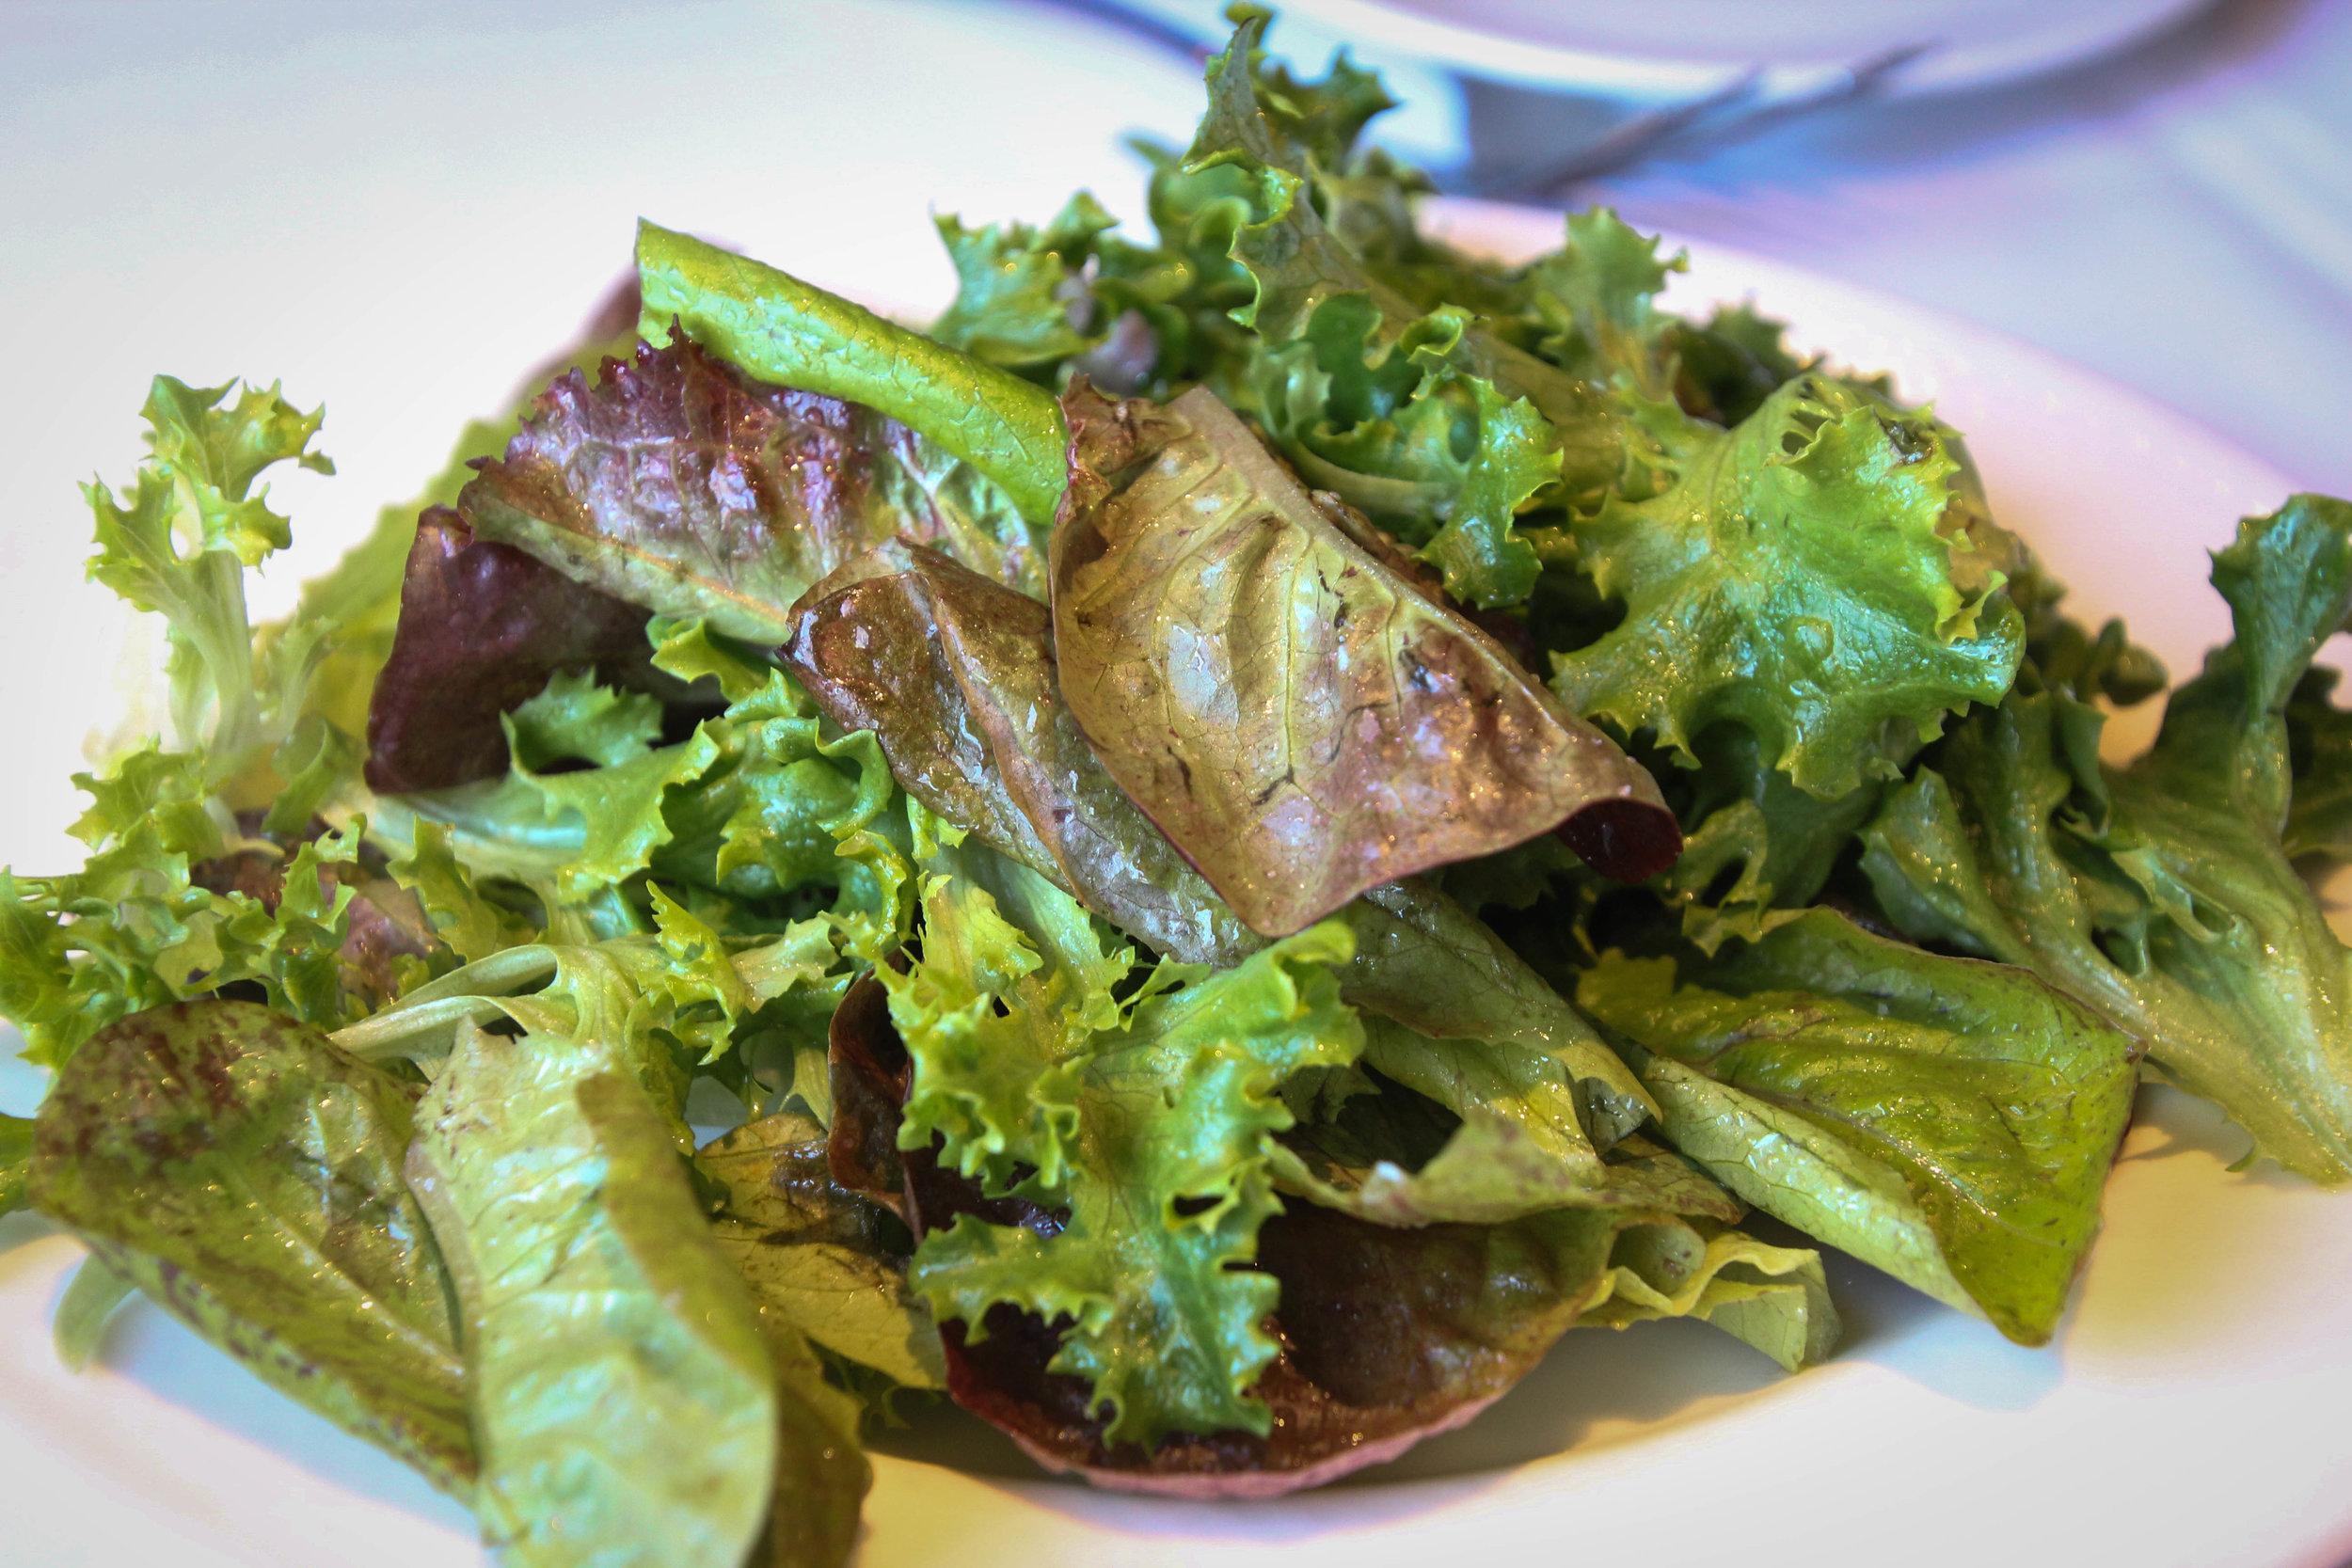 Garden lettuces with vinaigrette